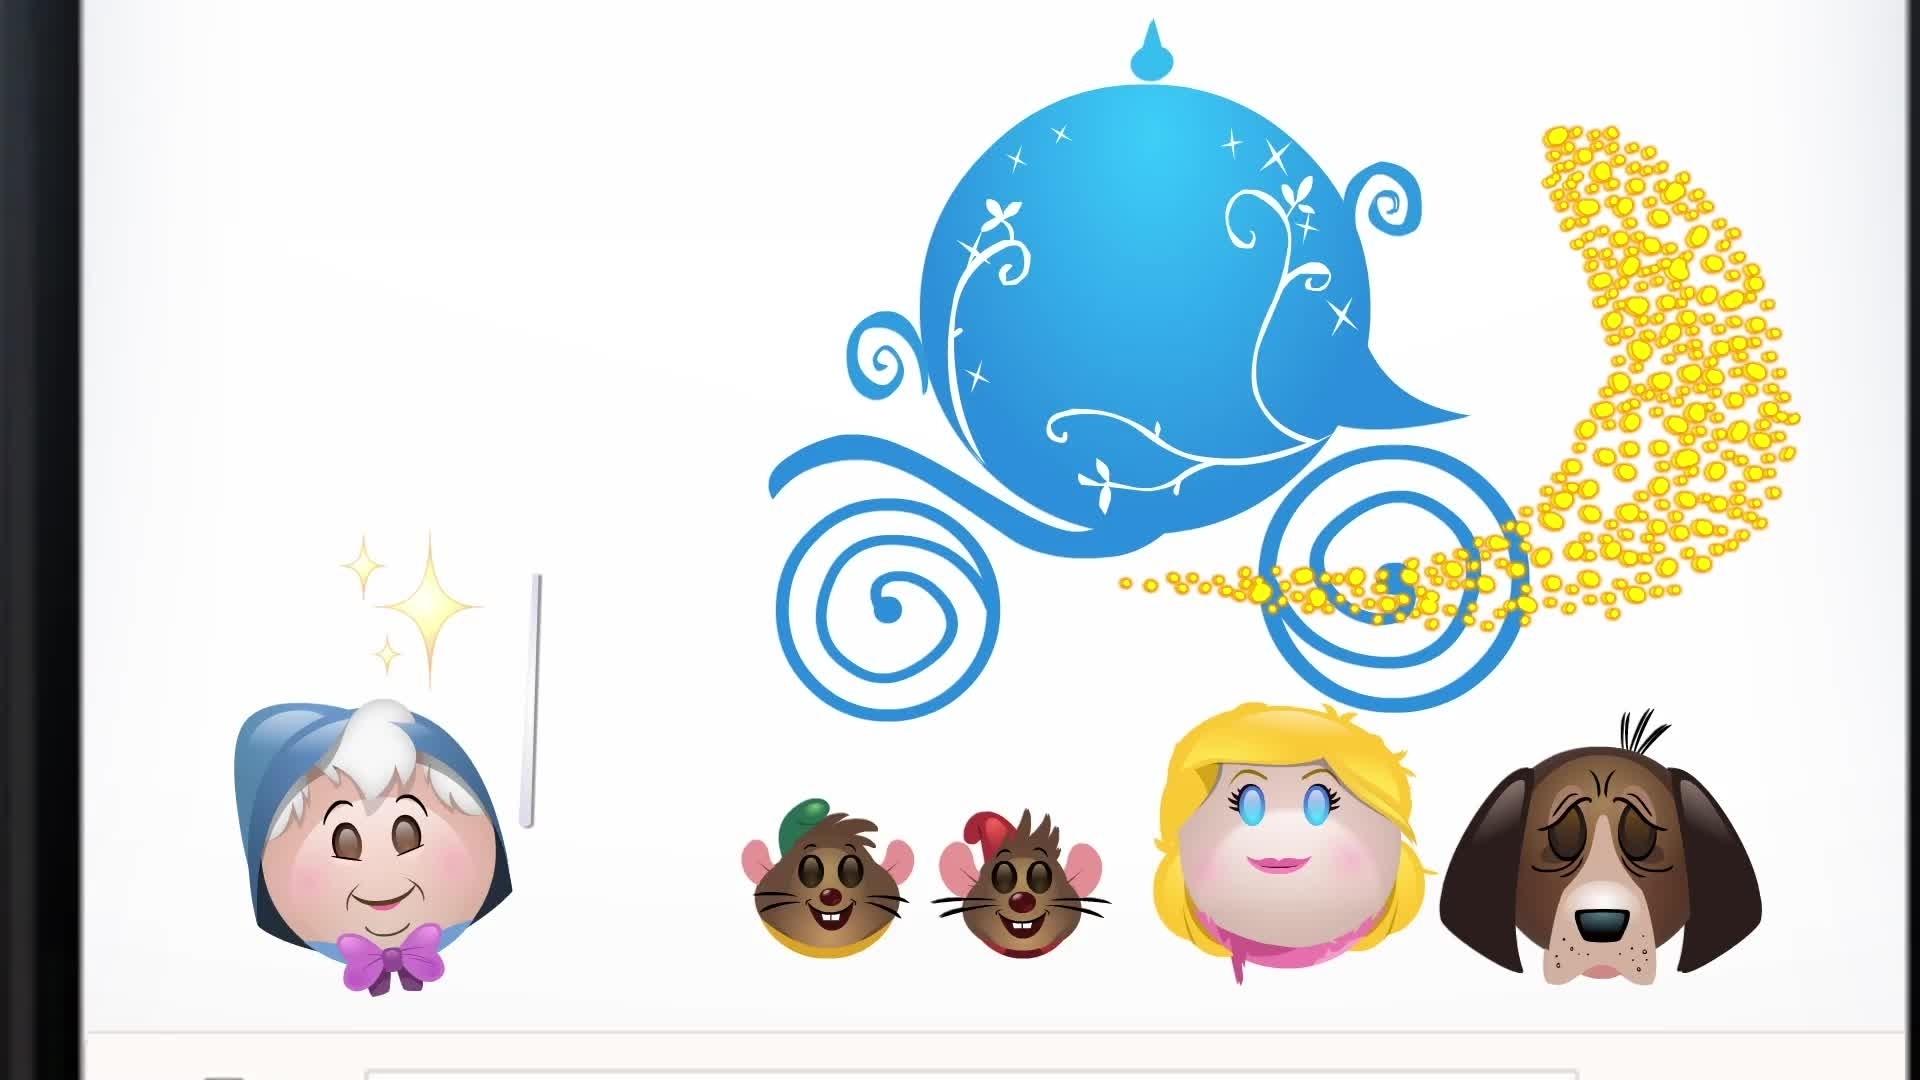 Askungen berättad med emoji